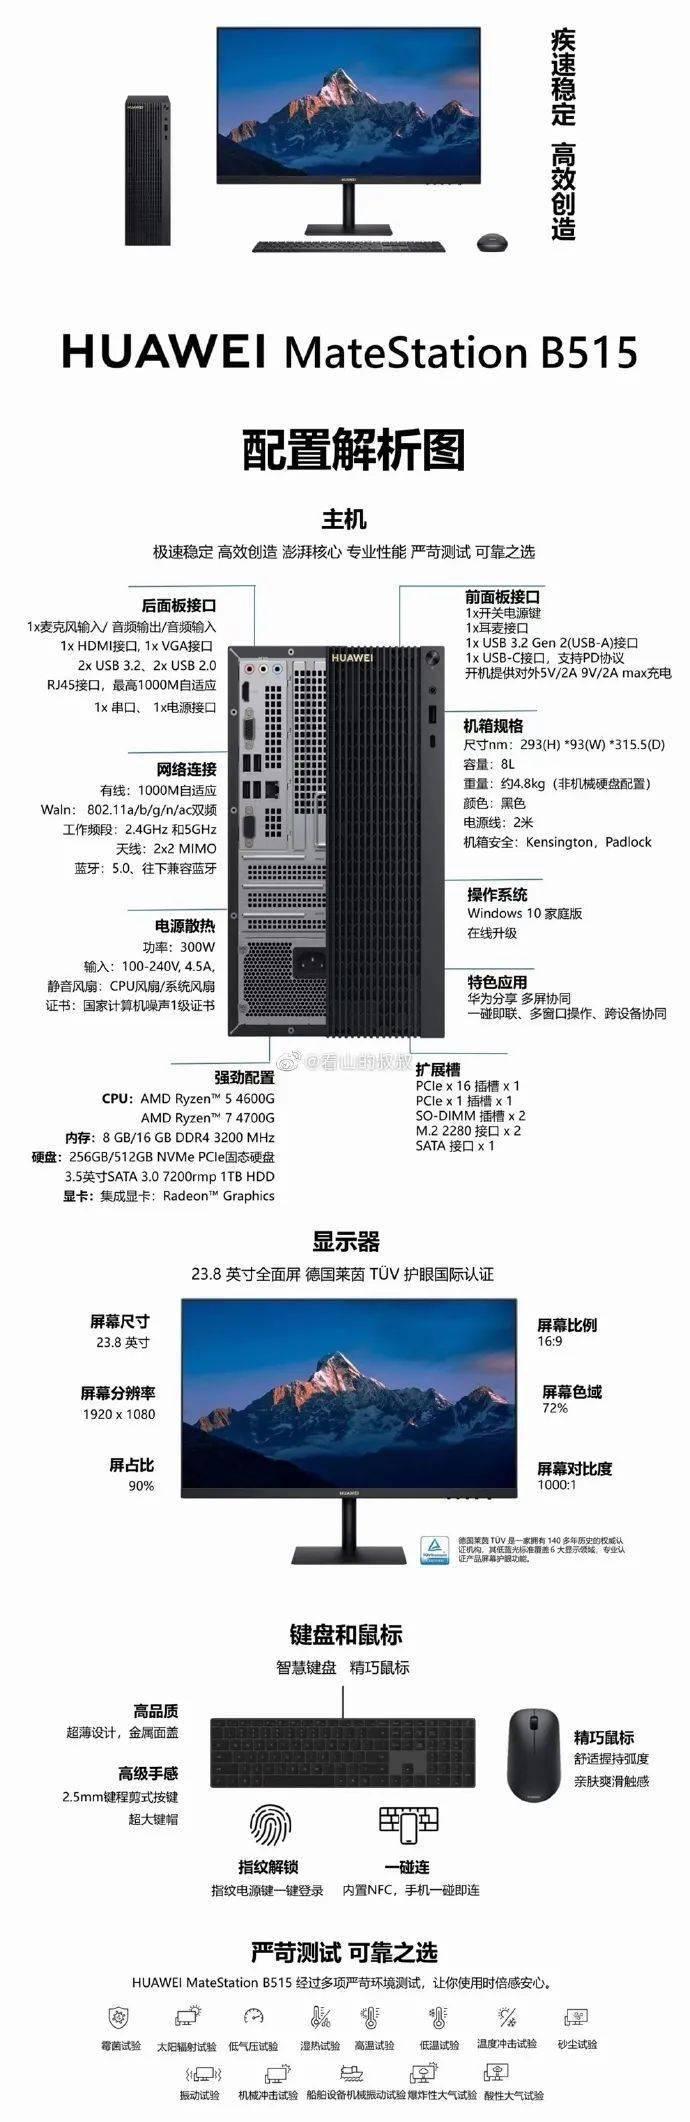 【简讯】华为MateStation B515台式机价格曝光;闪迪品牌正式消失…